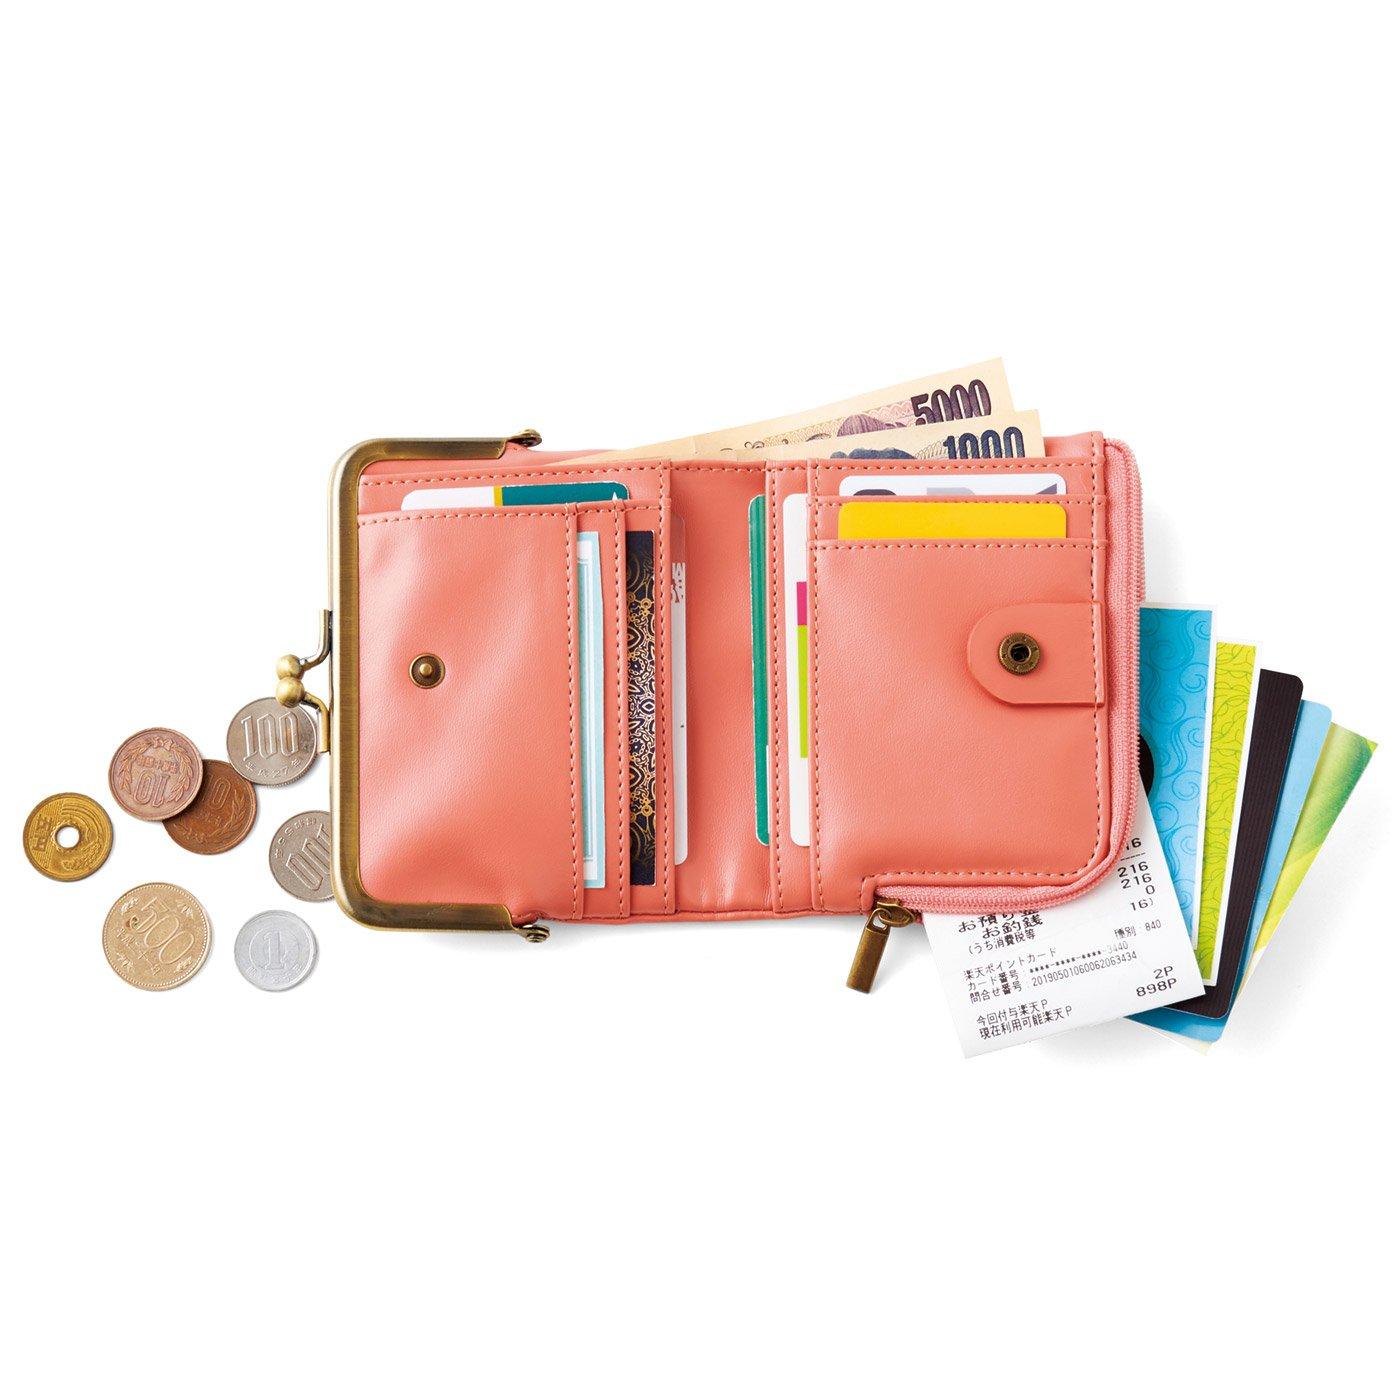 がま口とL字ファスナーが魅力 しあわせくすみ色の手のり財布の会